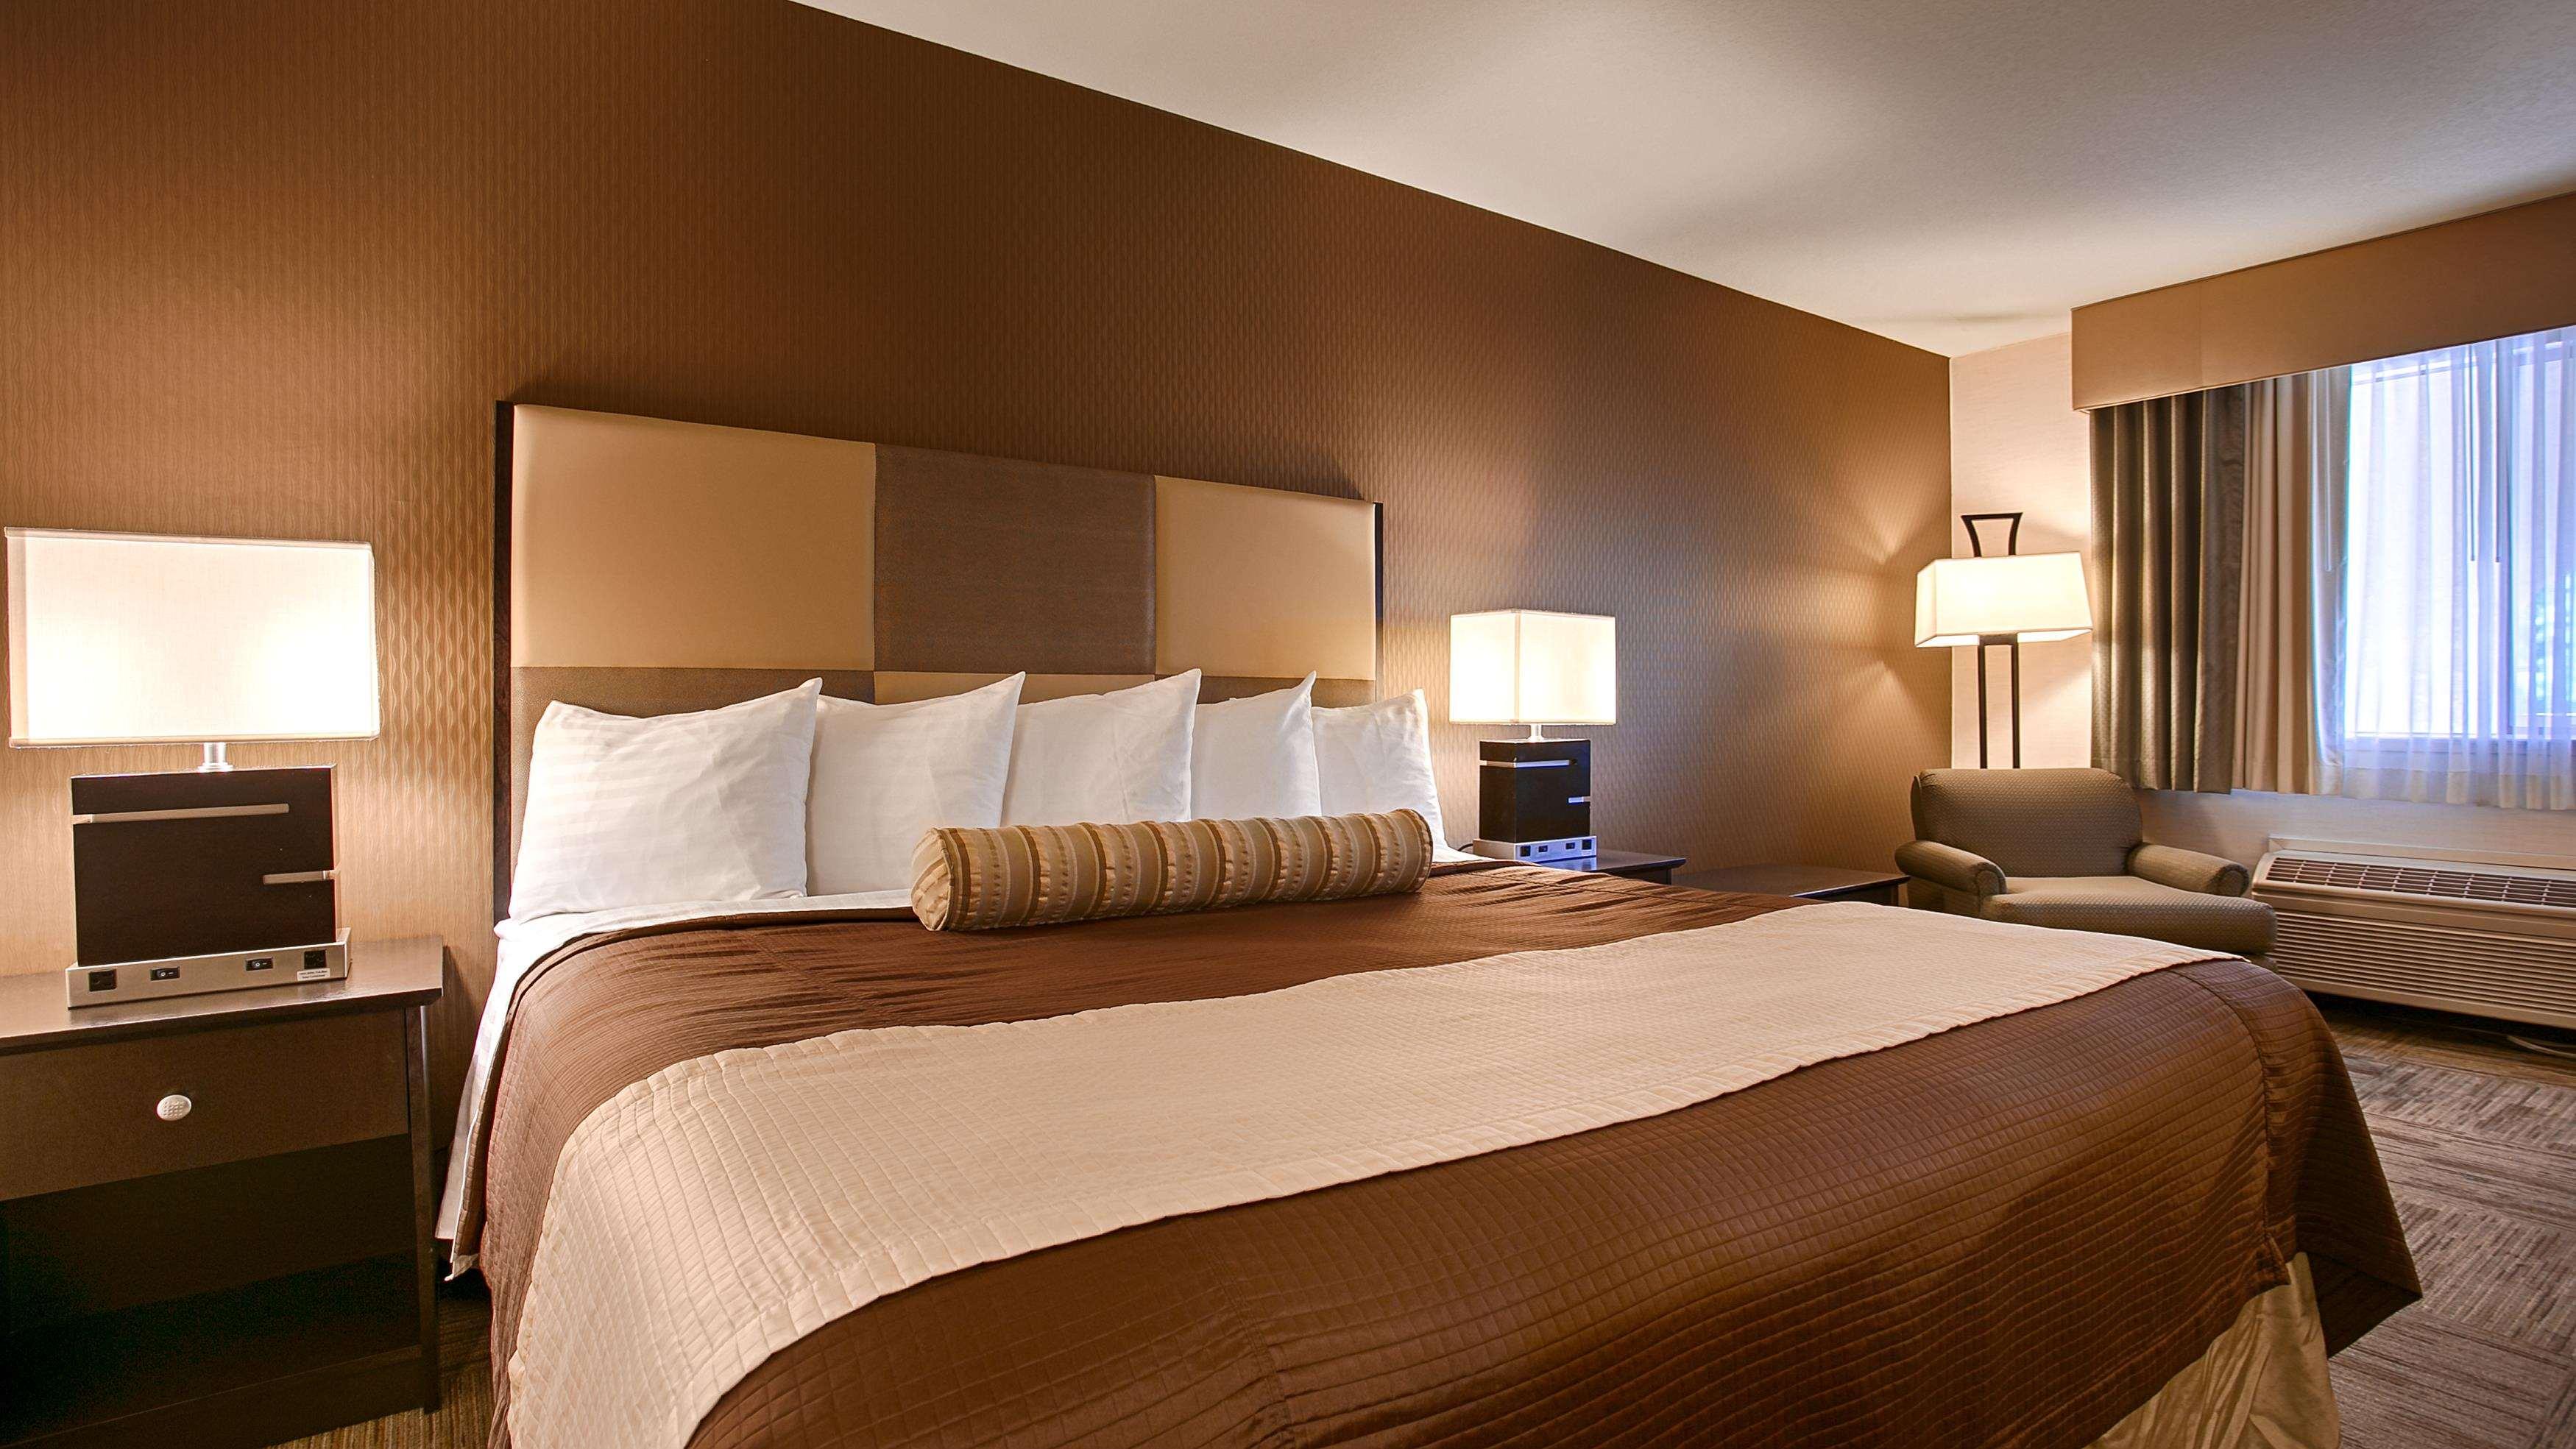 Best Western Yuba City Inn image 11